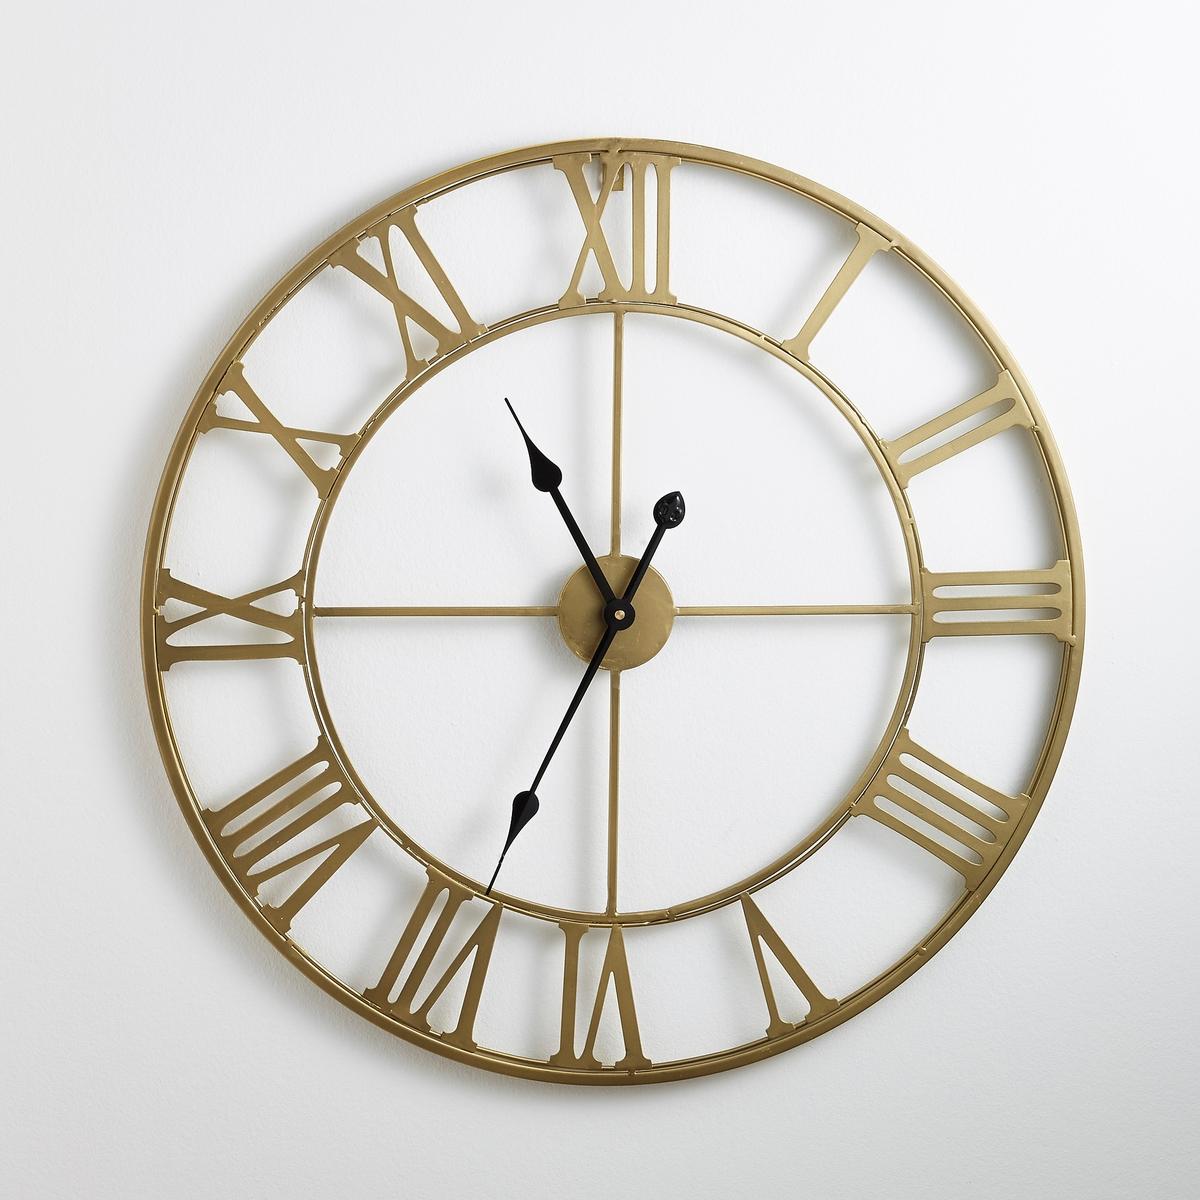 Настенные часы металлические ZivosНастенные часы металлические  Zivos. Часы Zivos впечатляющих размеров и стиля придадут неповторимые черты Вашему интерьеру.Описание часов  Zivos:из металла, покрытого эпоксидной краской цвета латуни.Кварцевый механизм.Работают от 1 батарейки AA LRd на 1,5В, в комплект не входит.Размеры:Диаметр: 70 см.<br><br>Цвет: латунь